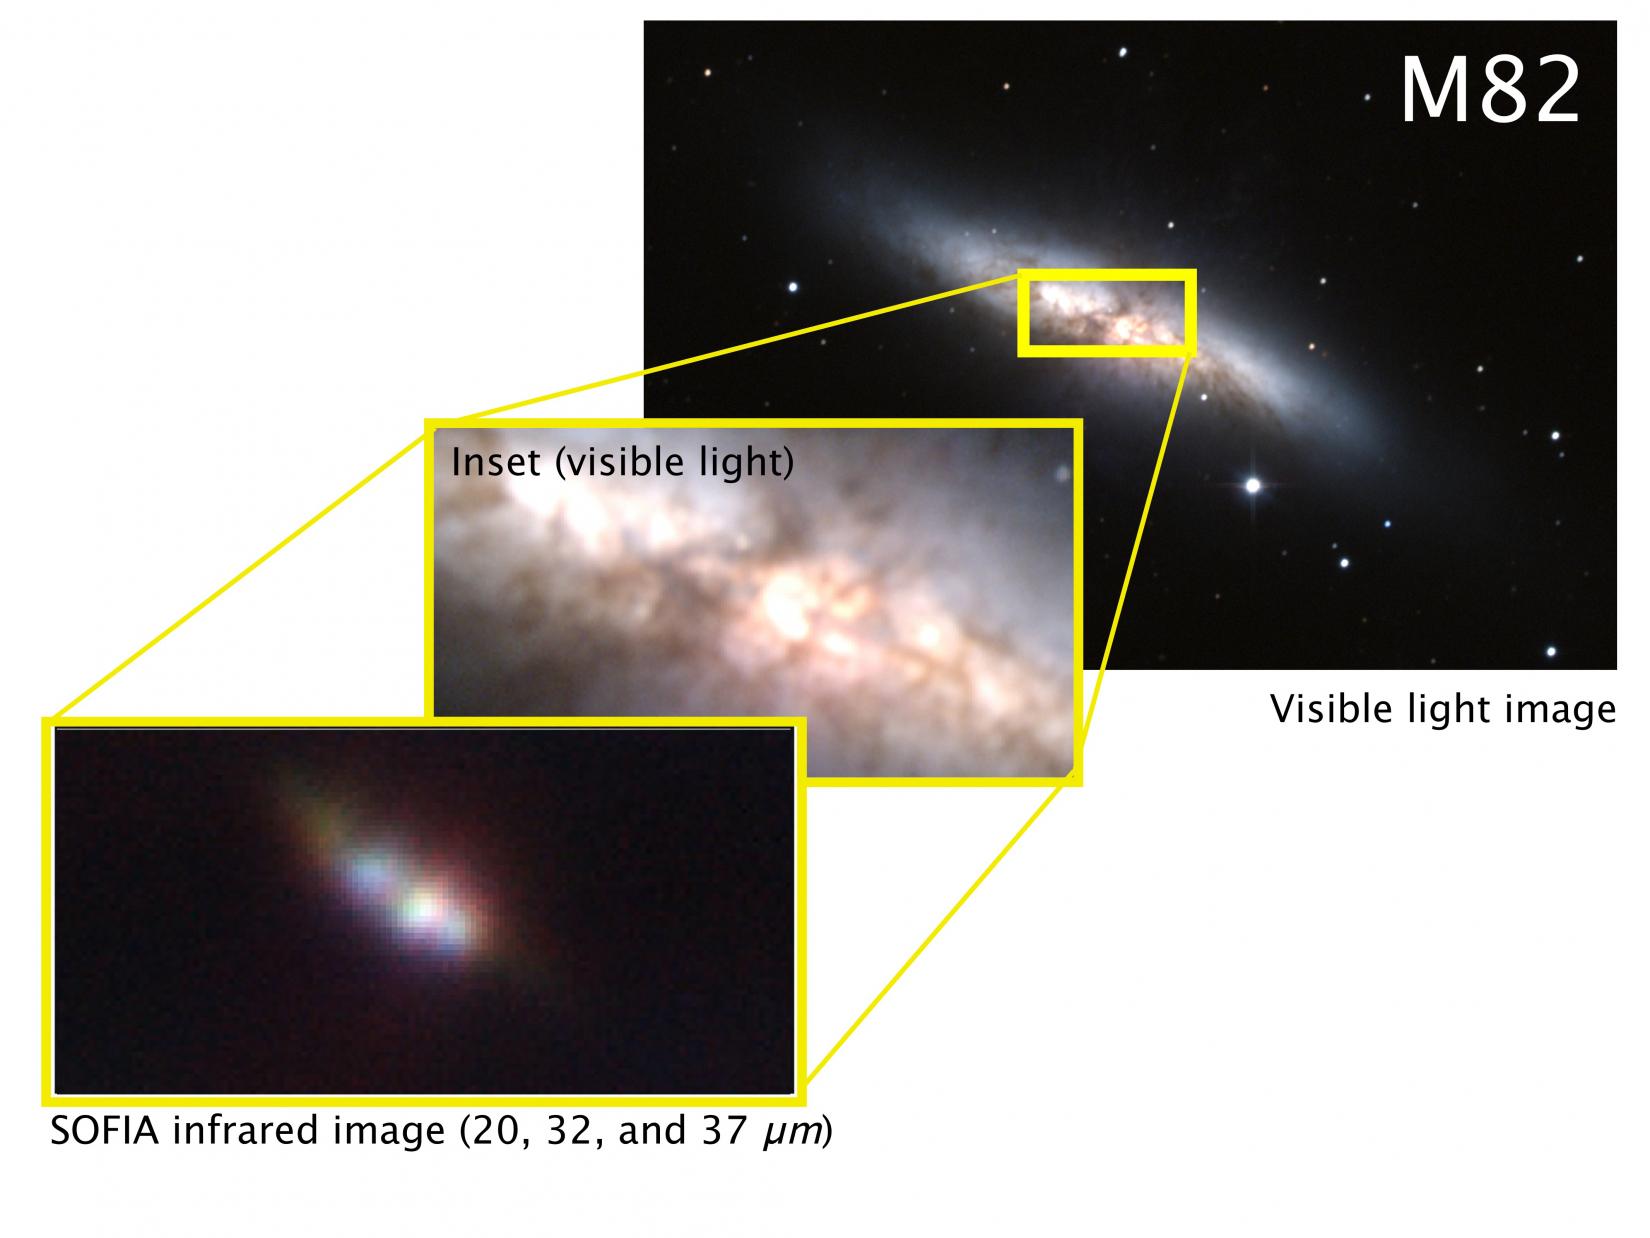 M82 Composite